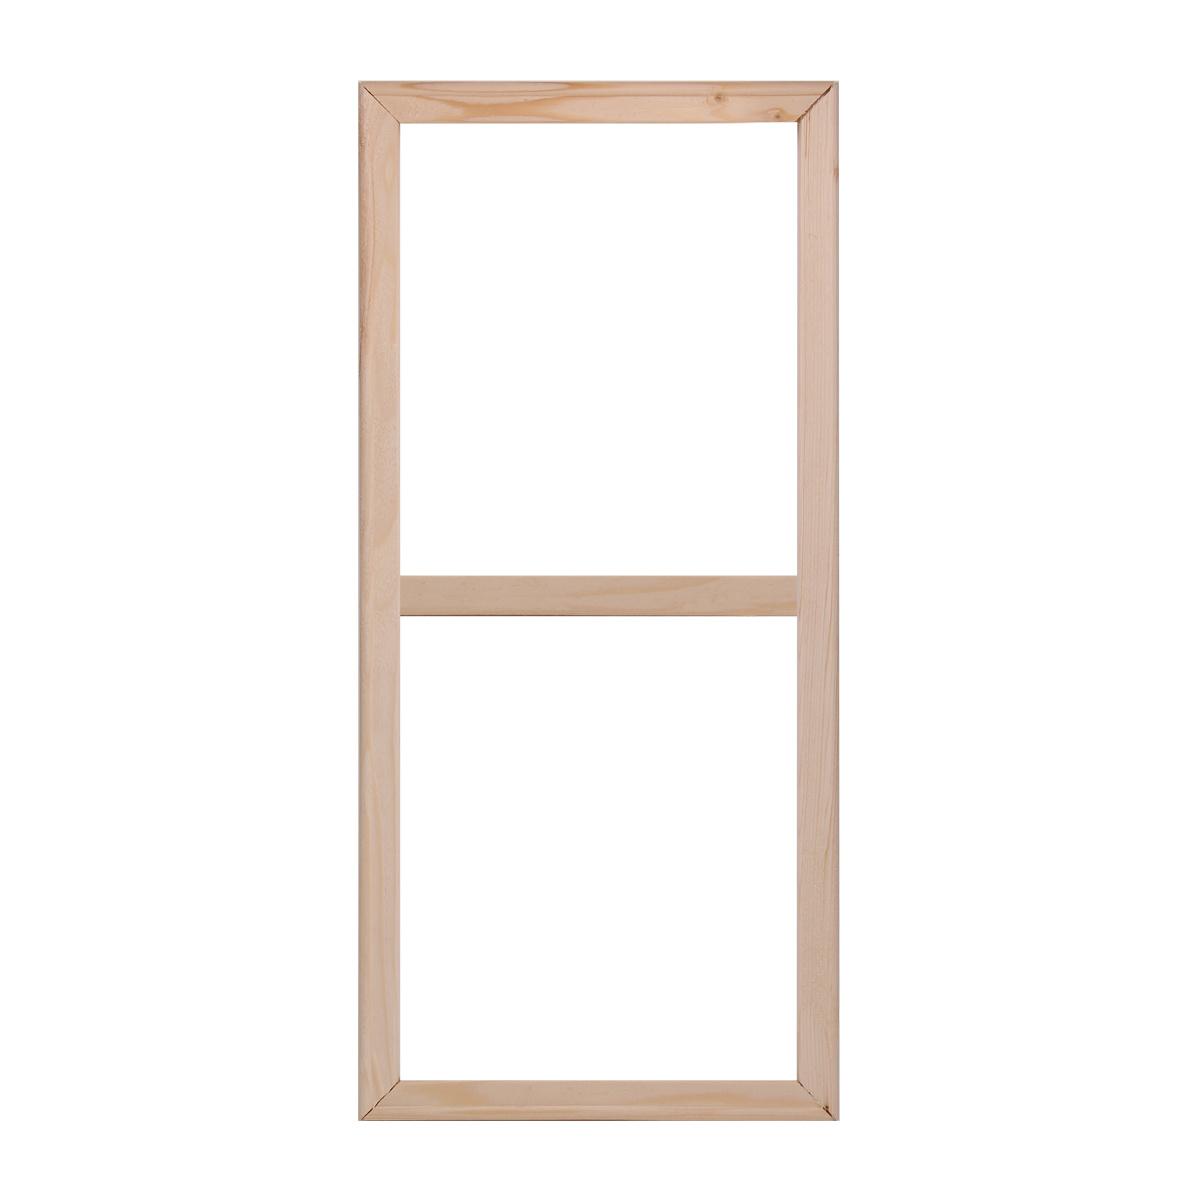 unstretched canvas prints wood frame diy picture photo frames 35 75cm ebay. Black Bedroom Furniture Sets. Home Design Ideas